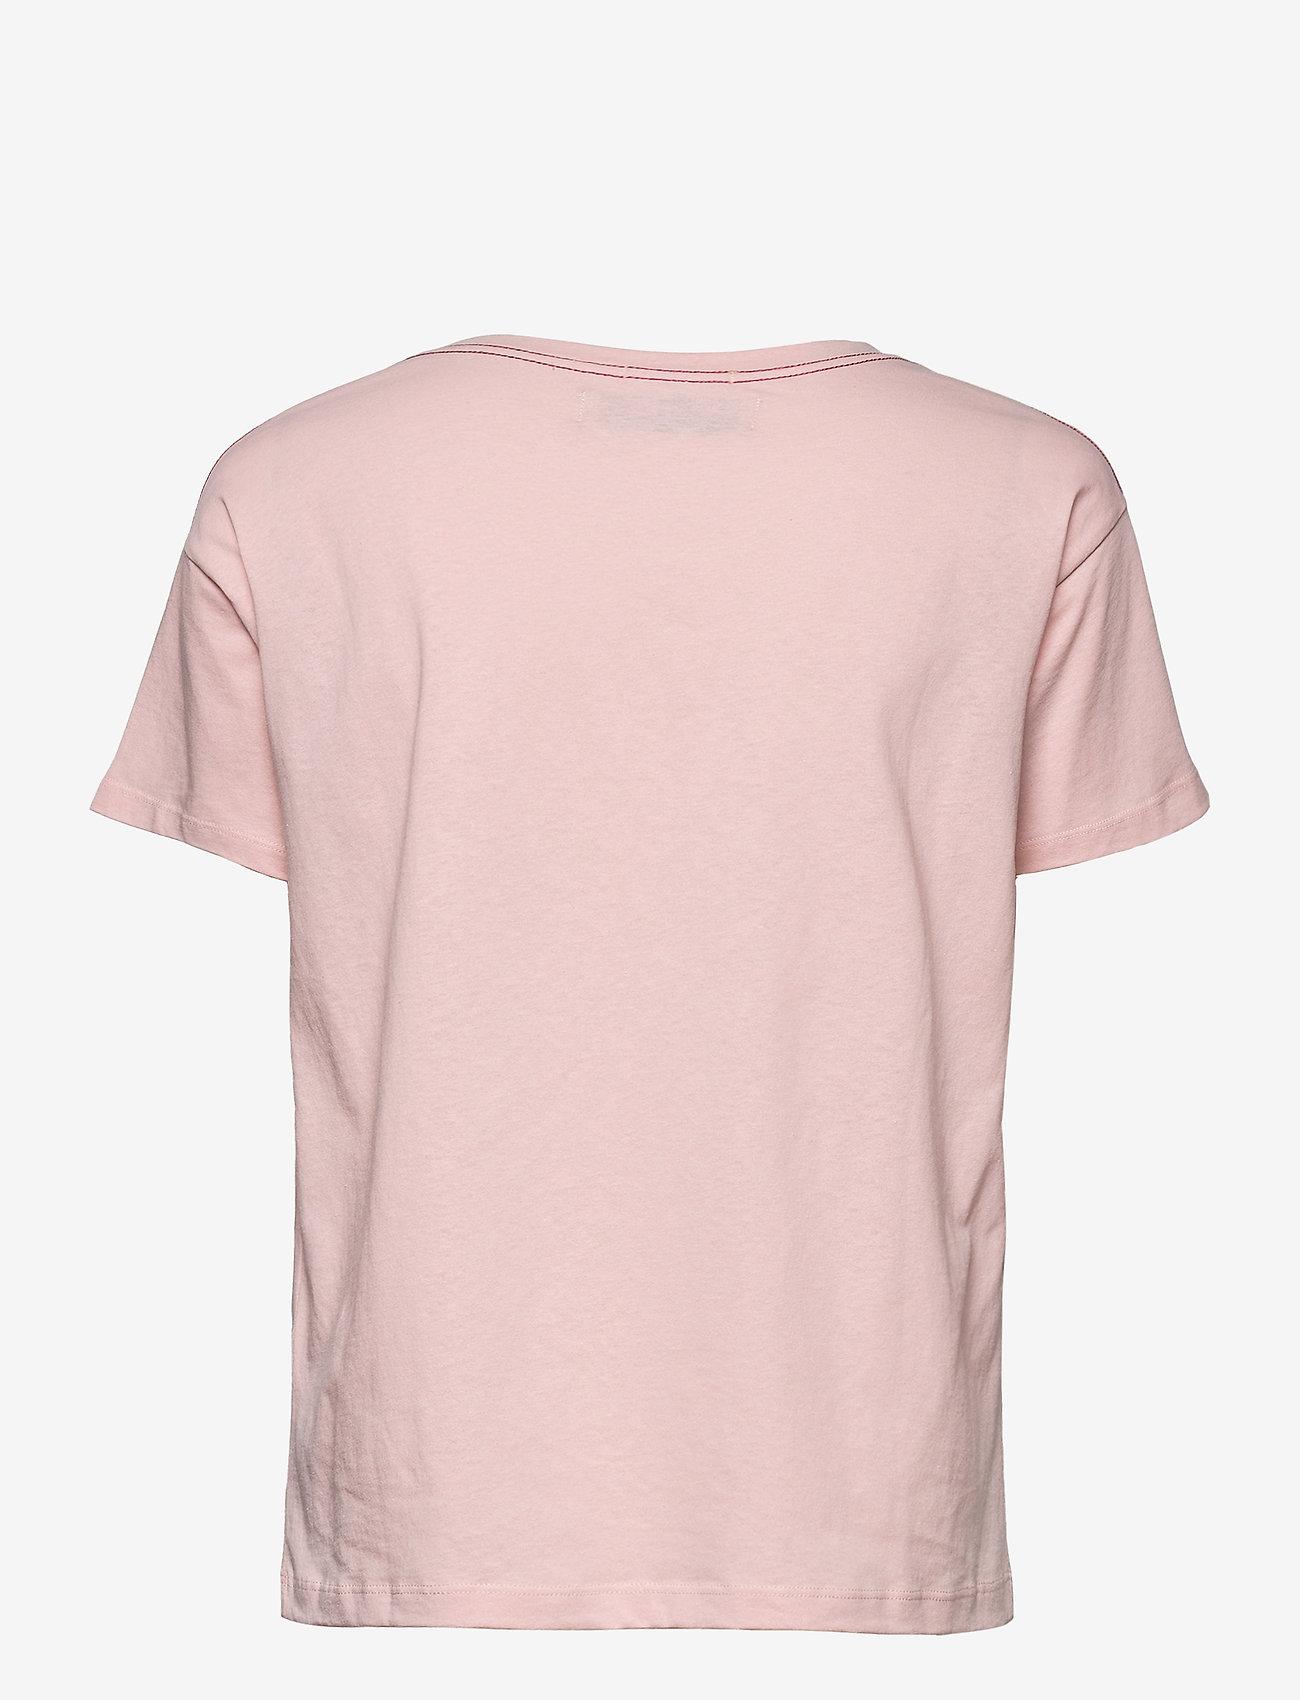 MOS MOSH - Mex O-SS Tee - t-shirts - peachskin - 1